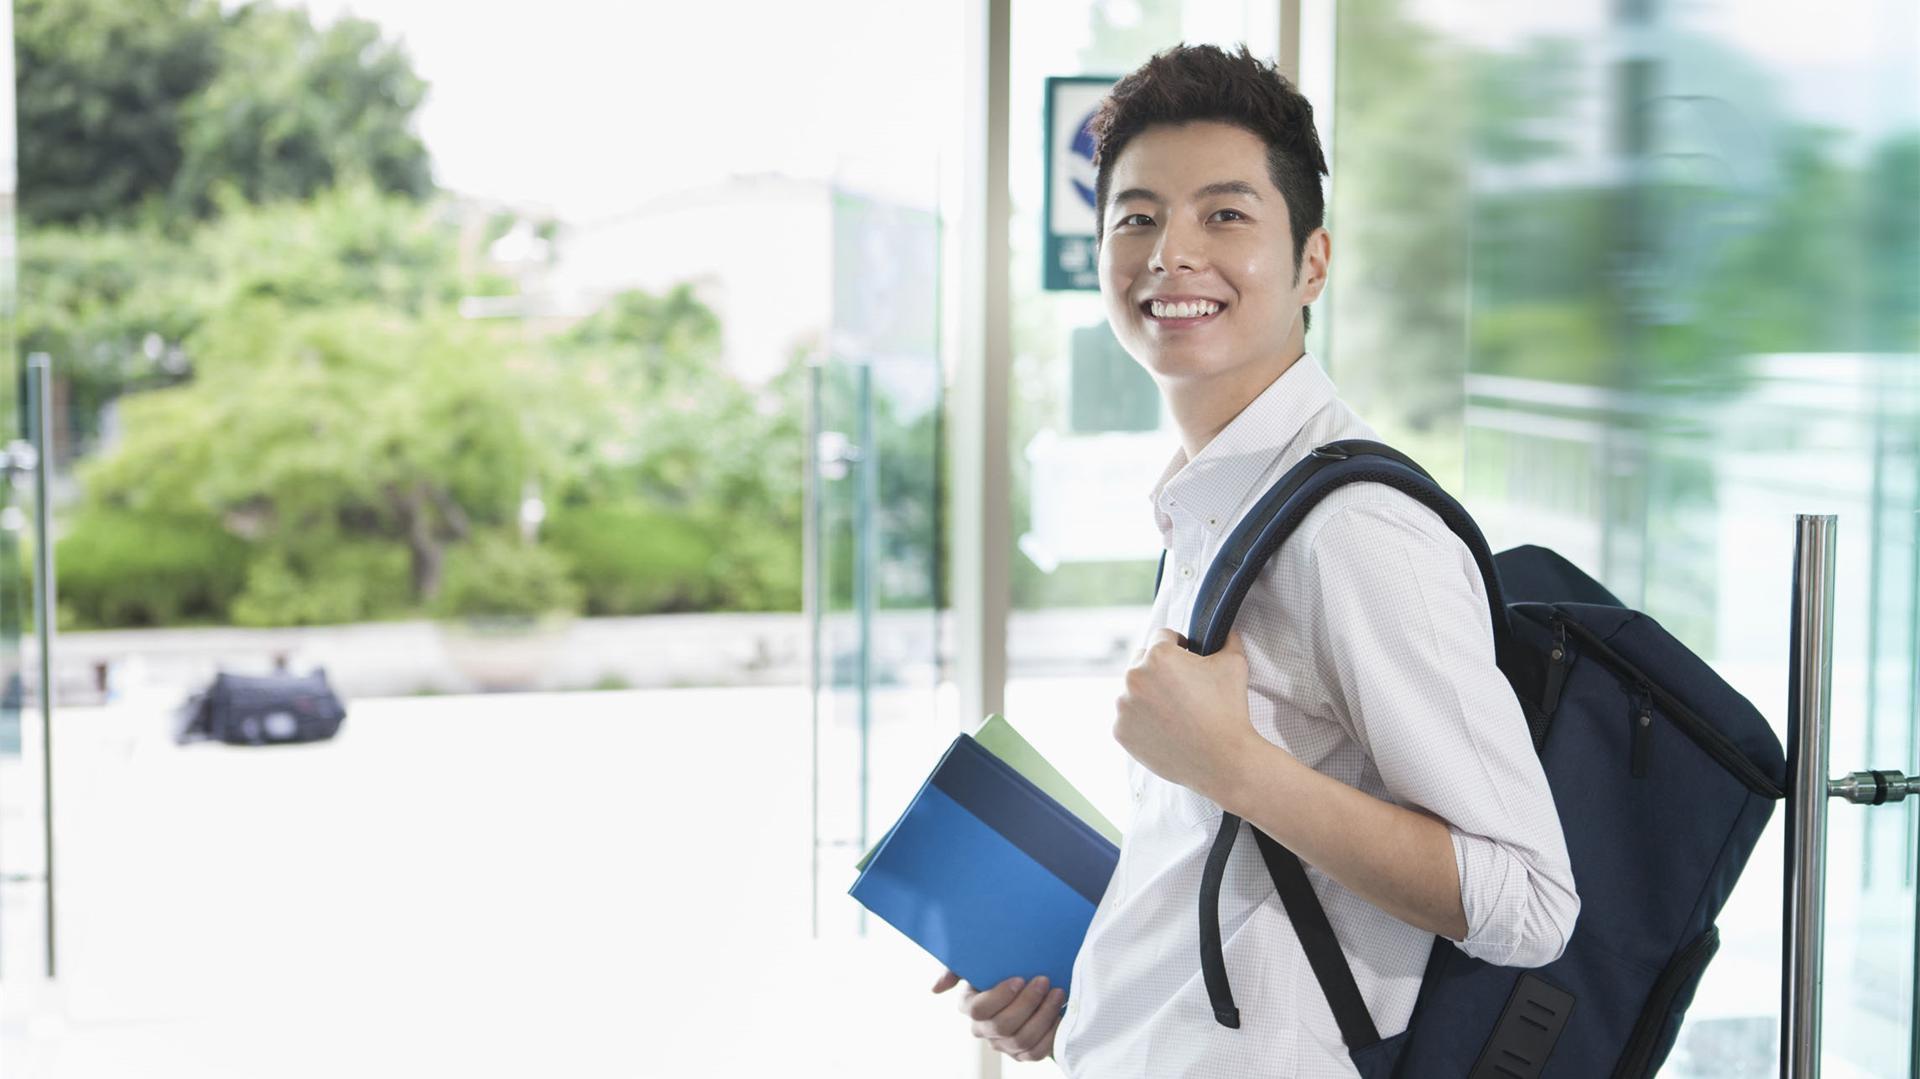 大学生不找工作直接创业可以吗?